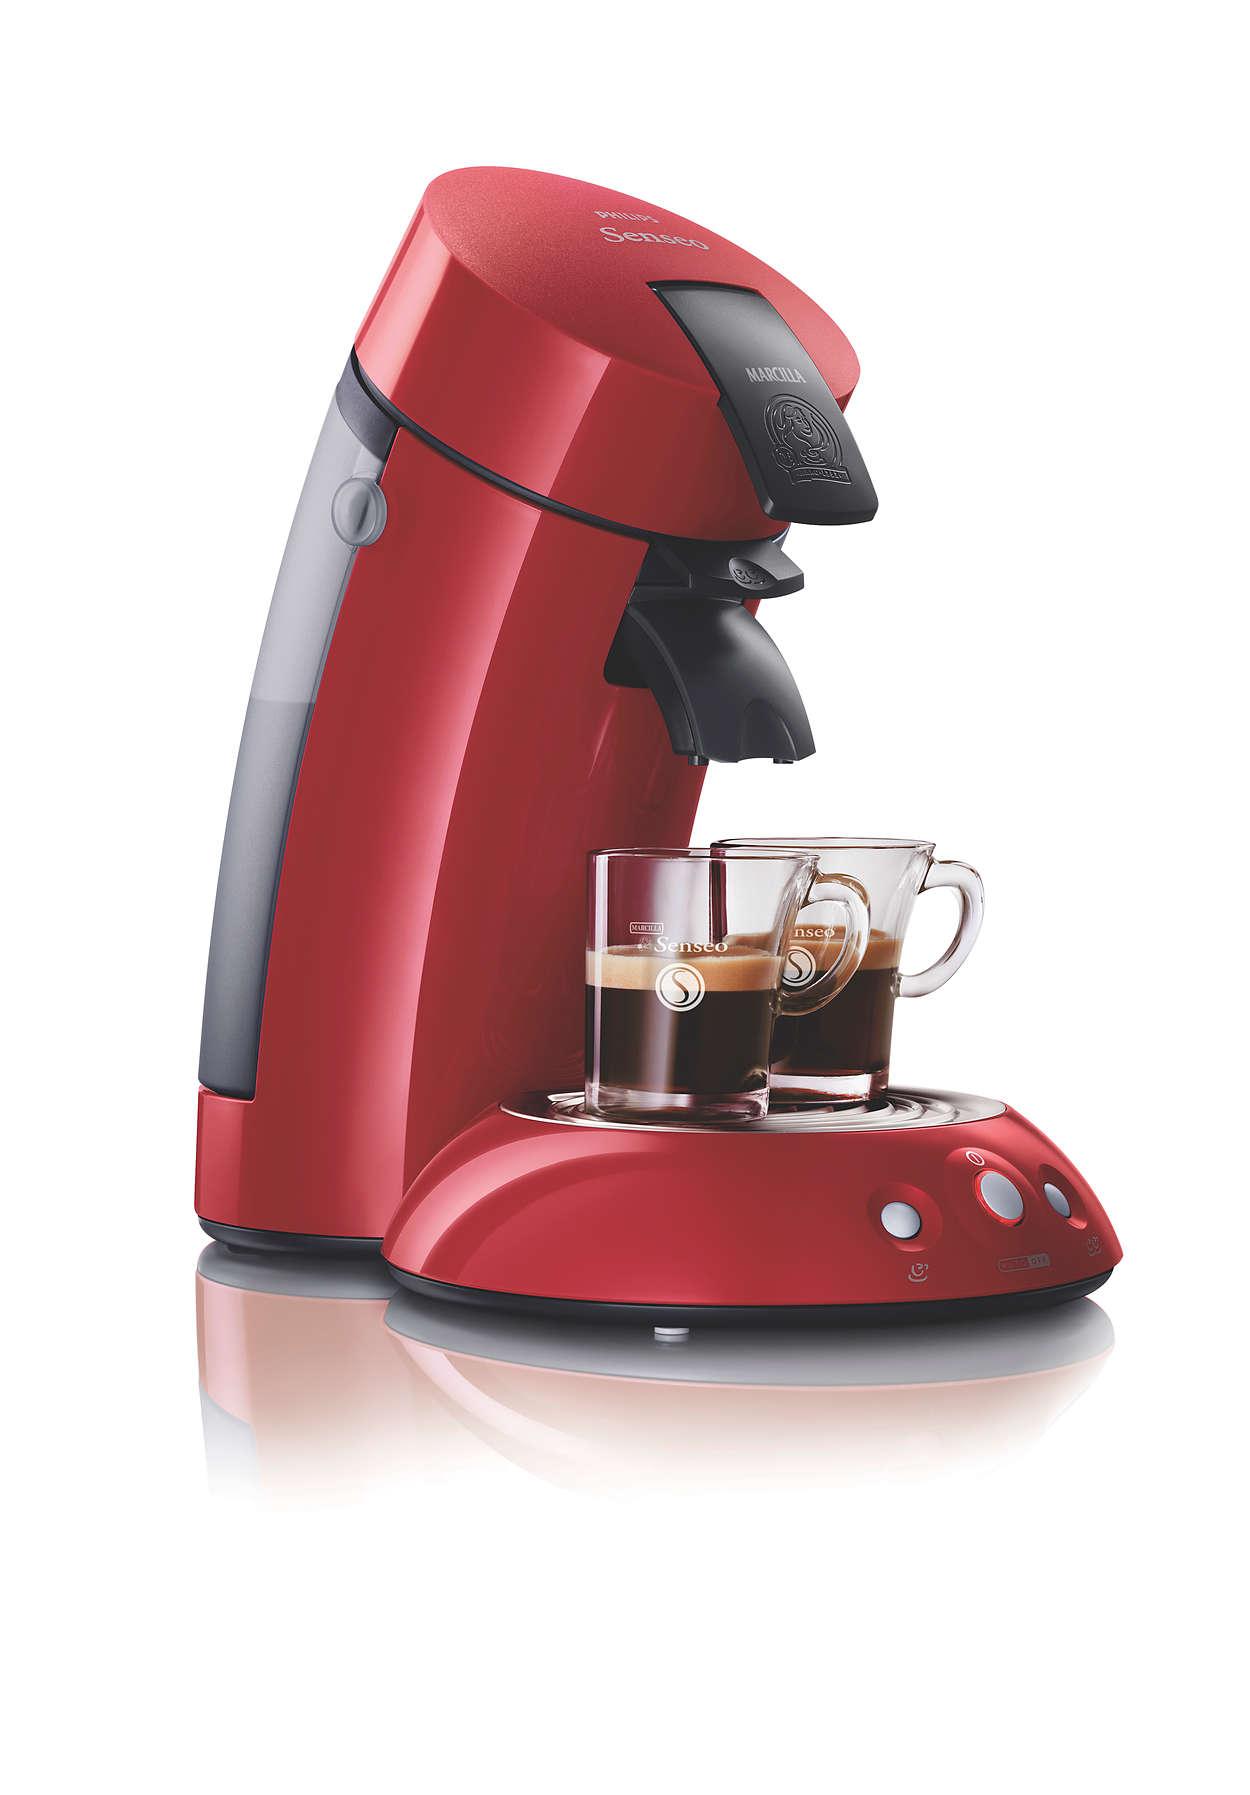 Todo el aroma, sabor y el cuerpo de su café preferido.